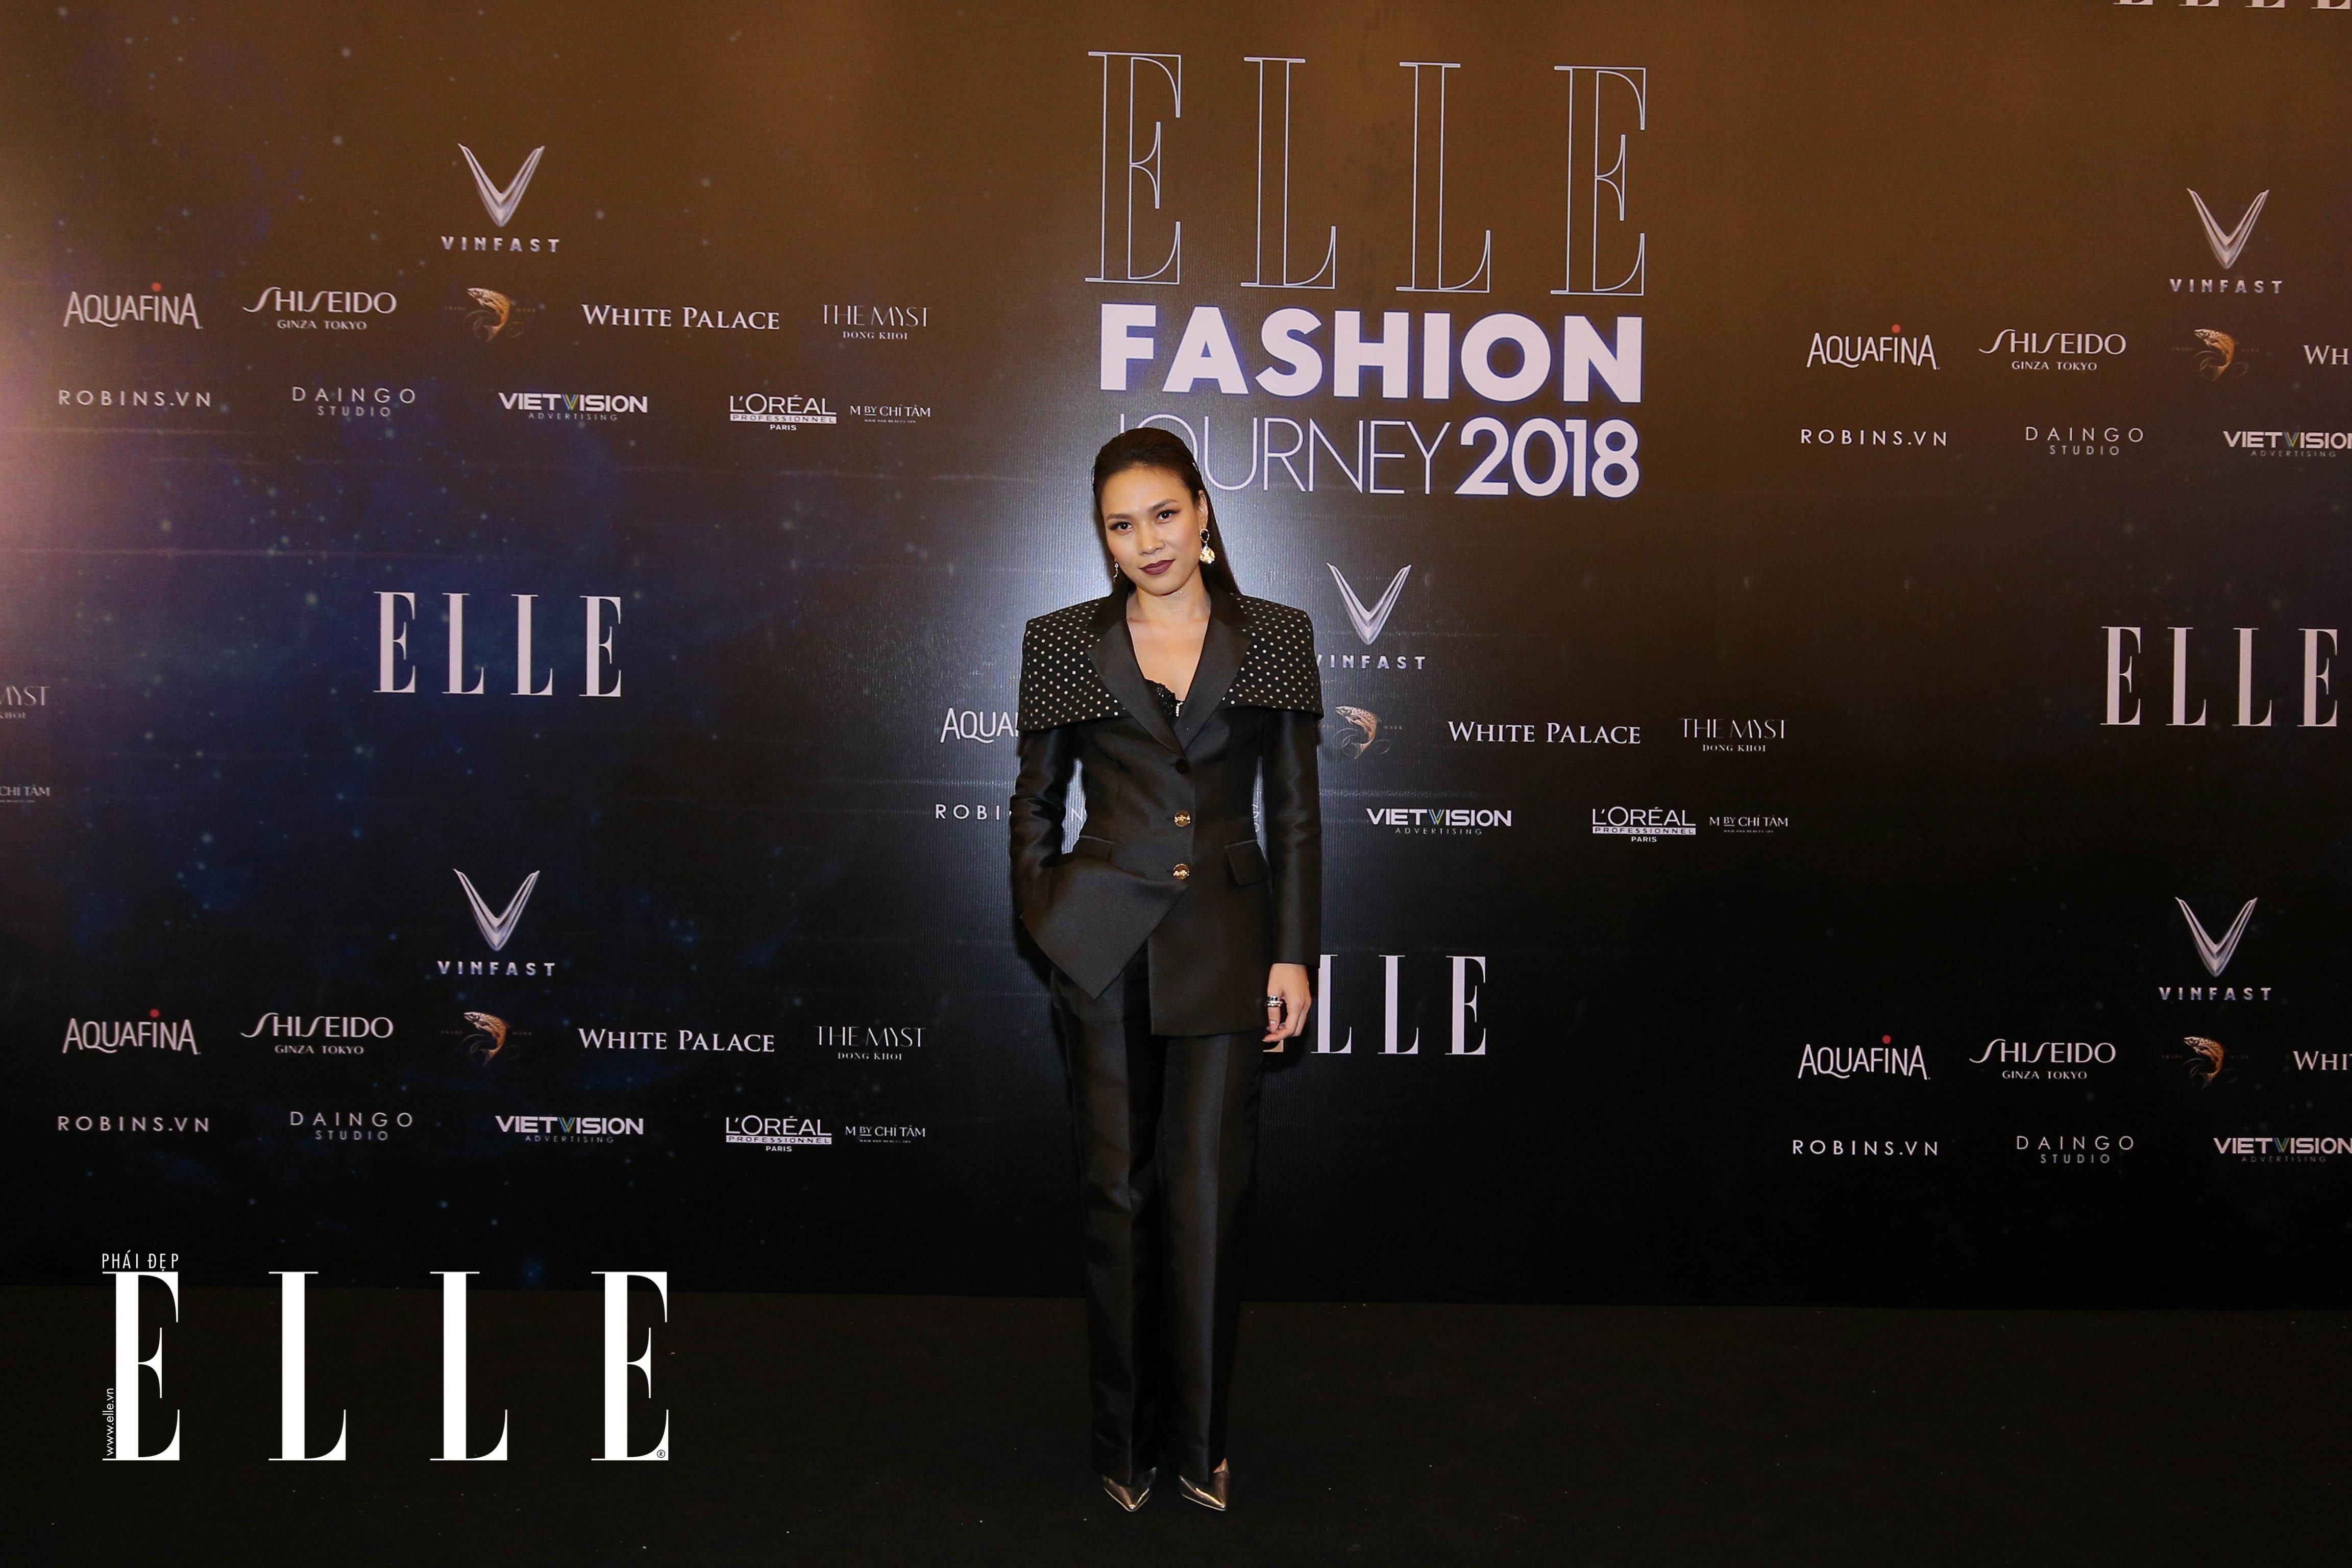 BL8Q6256 Mỹ Tâm, Thanh Hằng cùng dàn sao rạng rỡ trên thảm đỏ ELLE Fashion Journey 2018